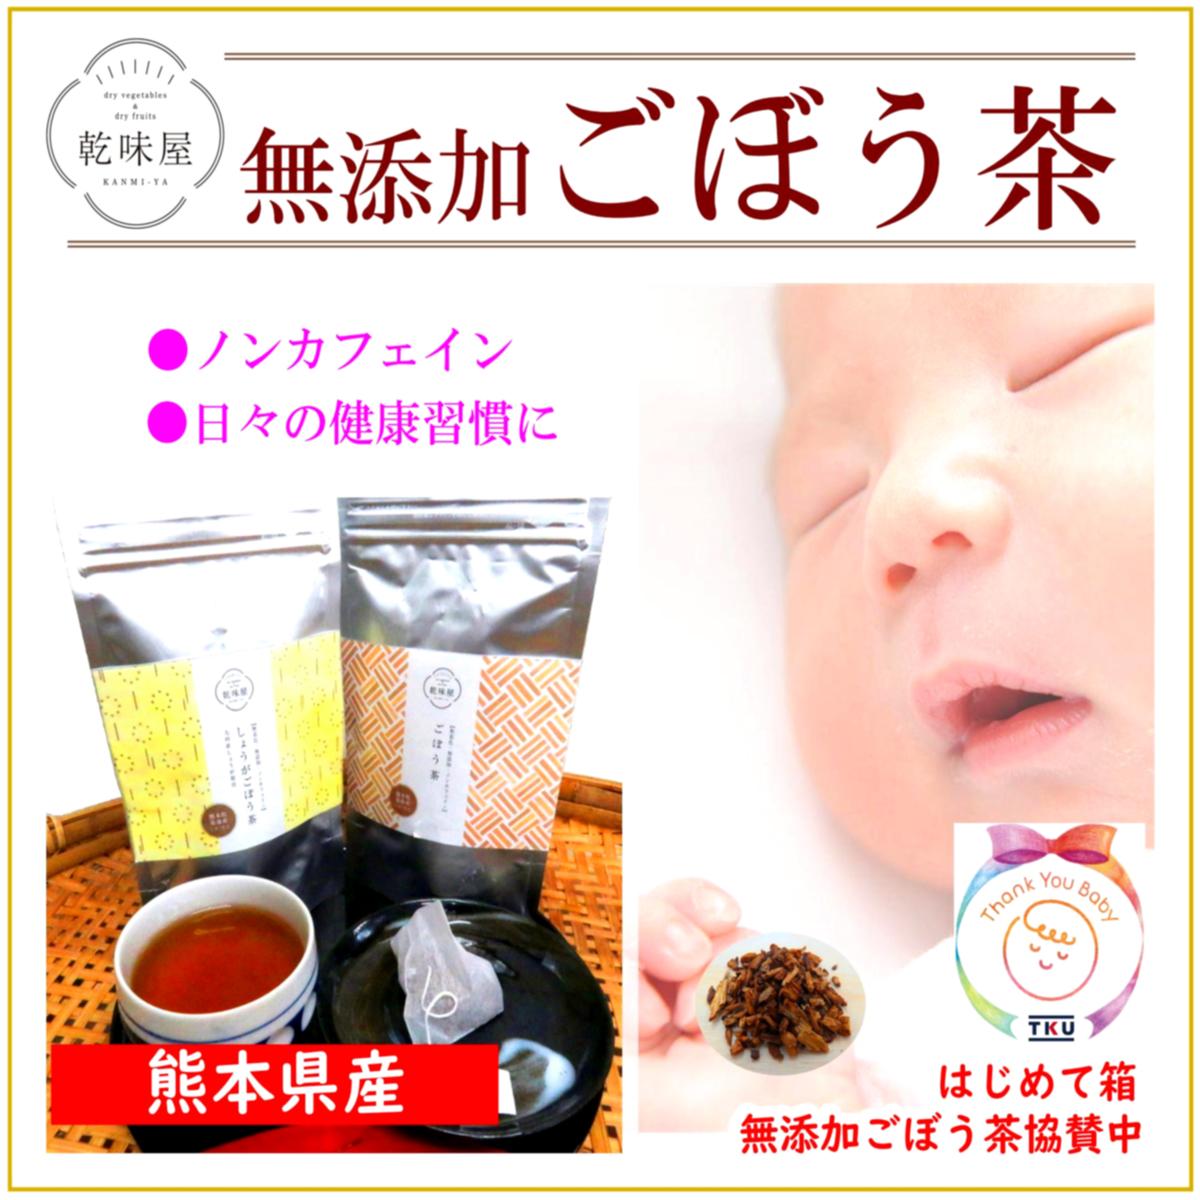 f:id:drymon-kanmiya:20210115065242j:plain